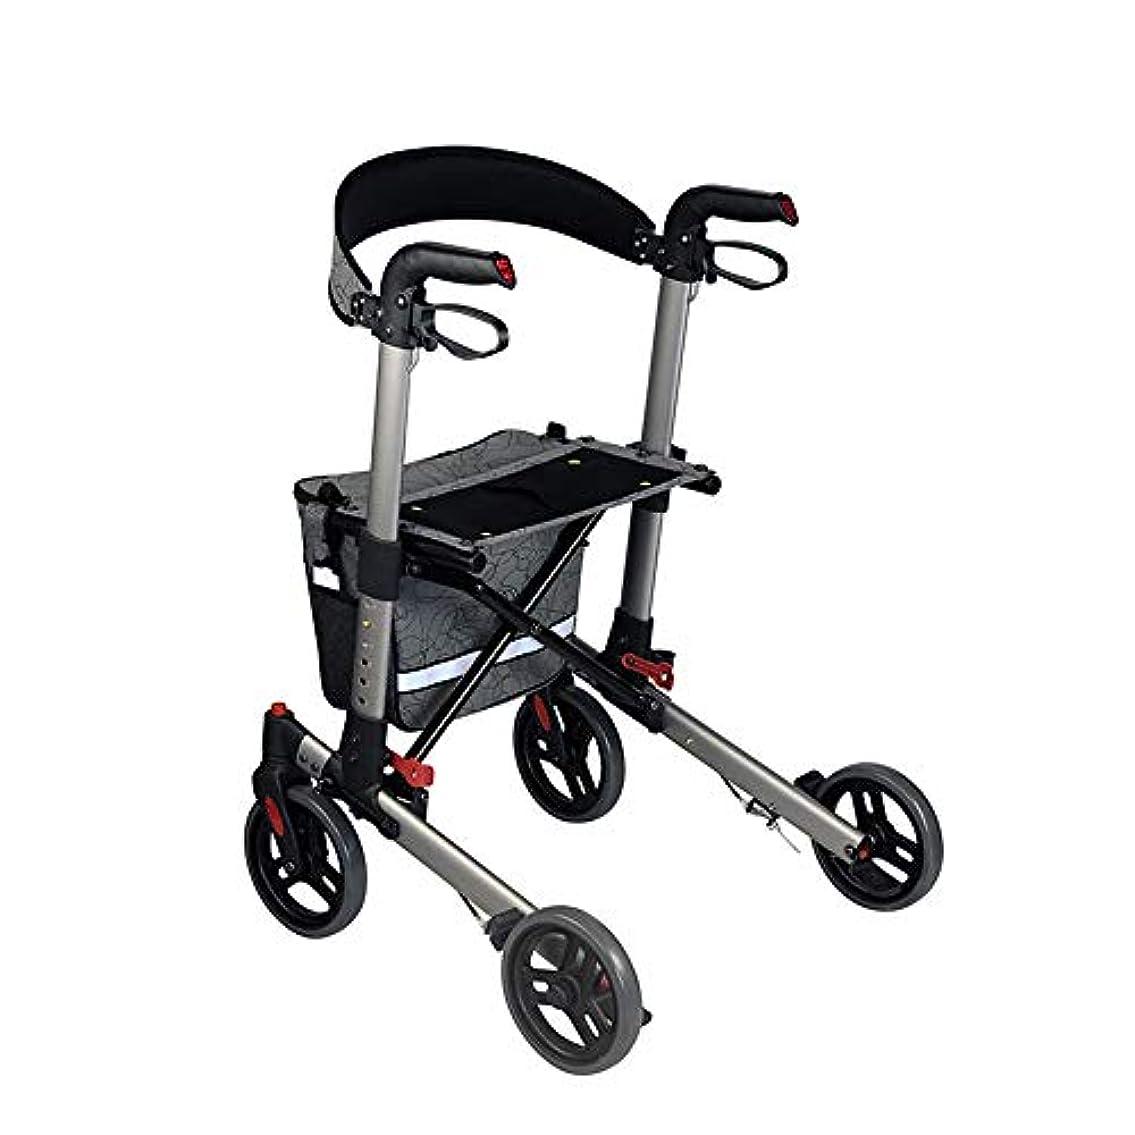 プラス矛盾協力する軽量折りたたみ式4輪歩行歩行器、老人歩行カートショッピングカート多機能レジャー折りたたみショッピングカート